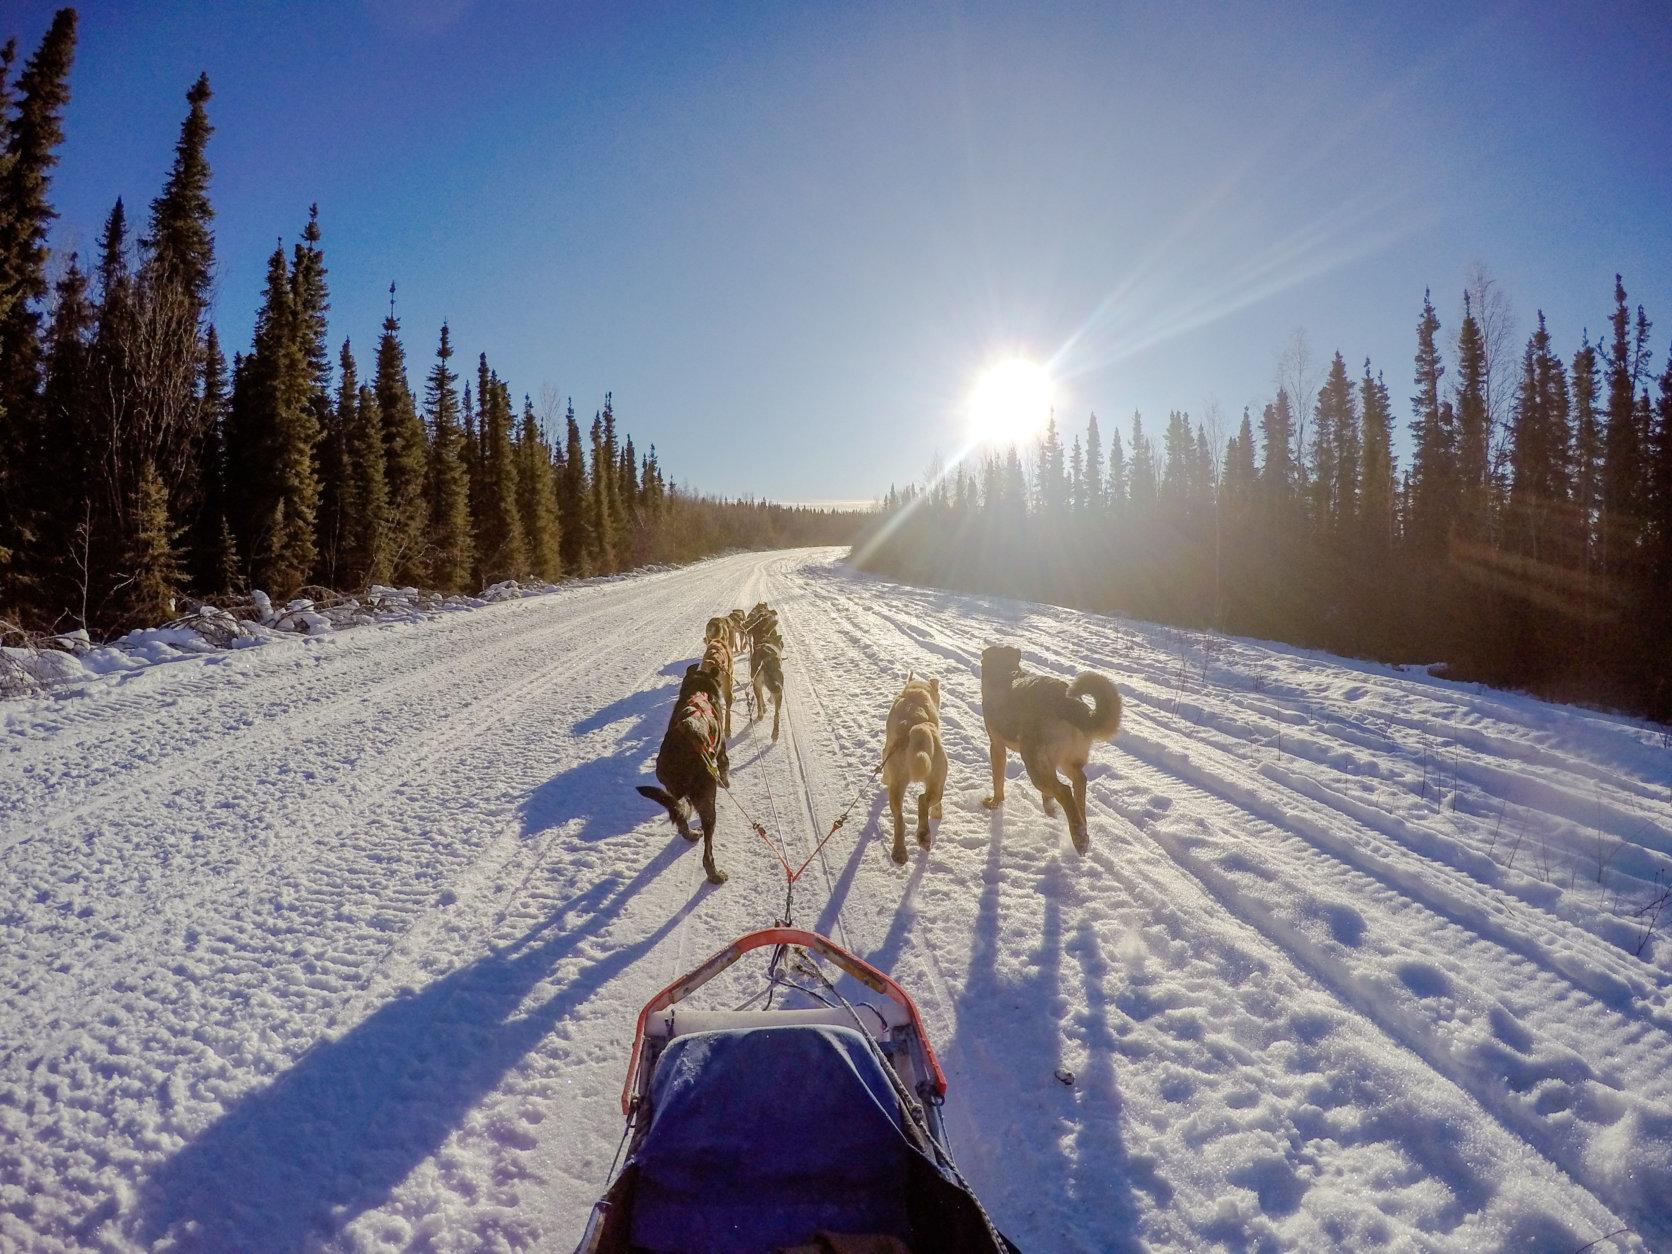 Sled dogs in Alaska